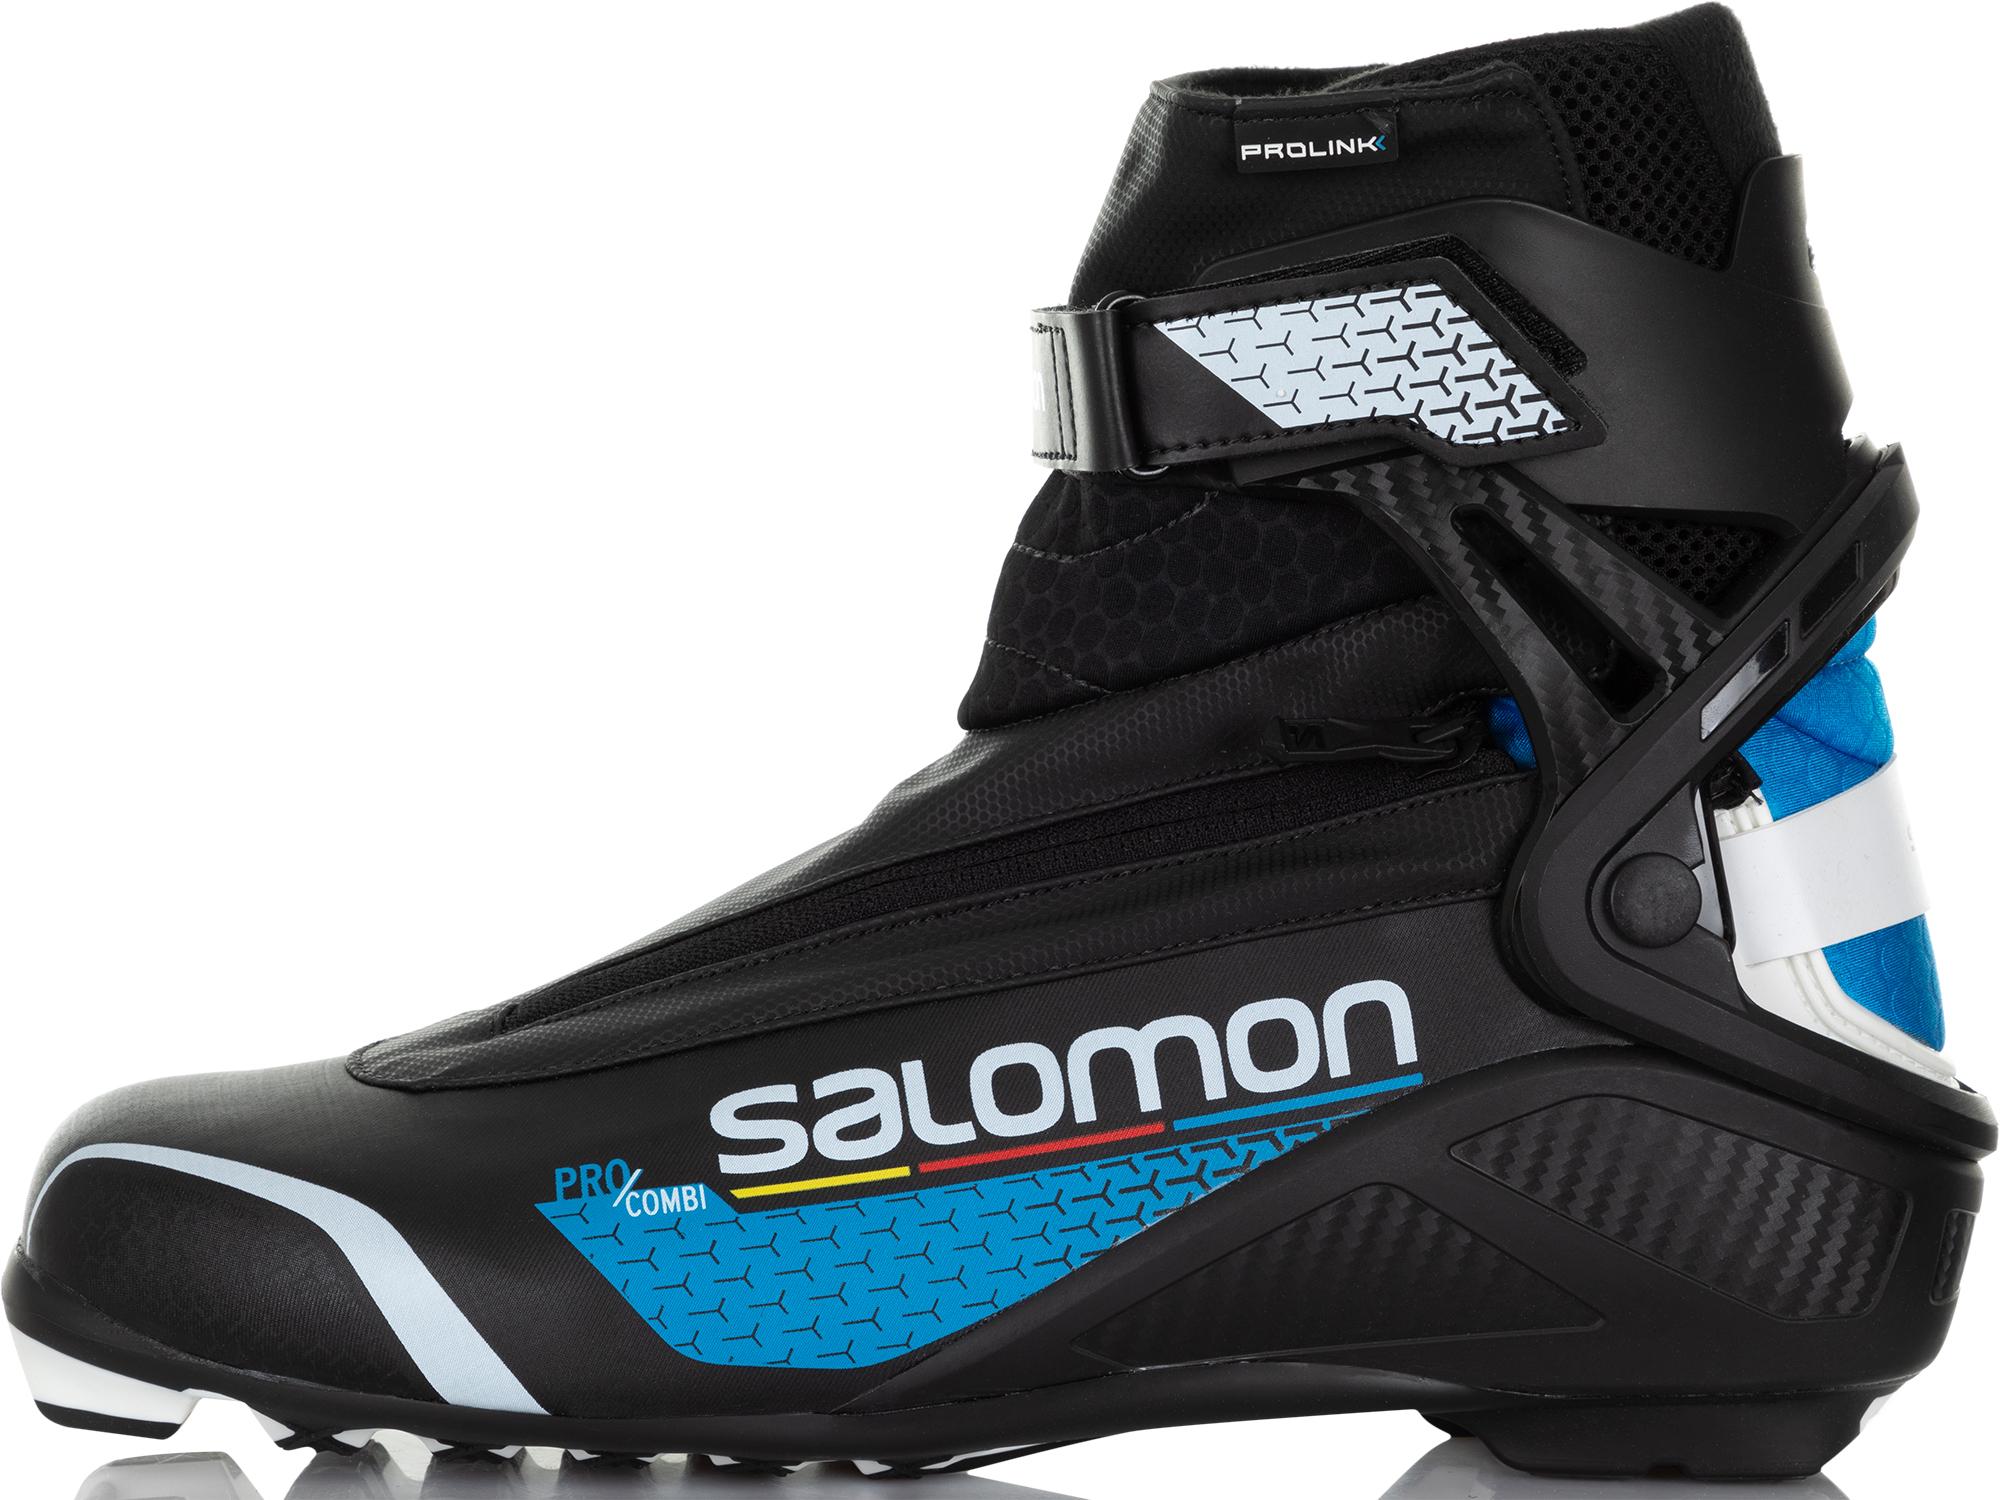 Salomon Ботинки для беговых лыж Salomon Pro Combi Prolink, размер 44 крепления salomon salomon для беговых лыж auto женские